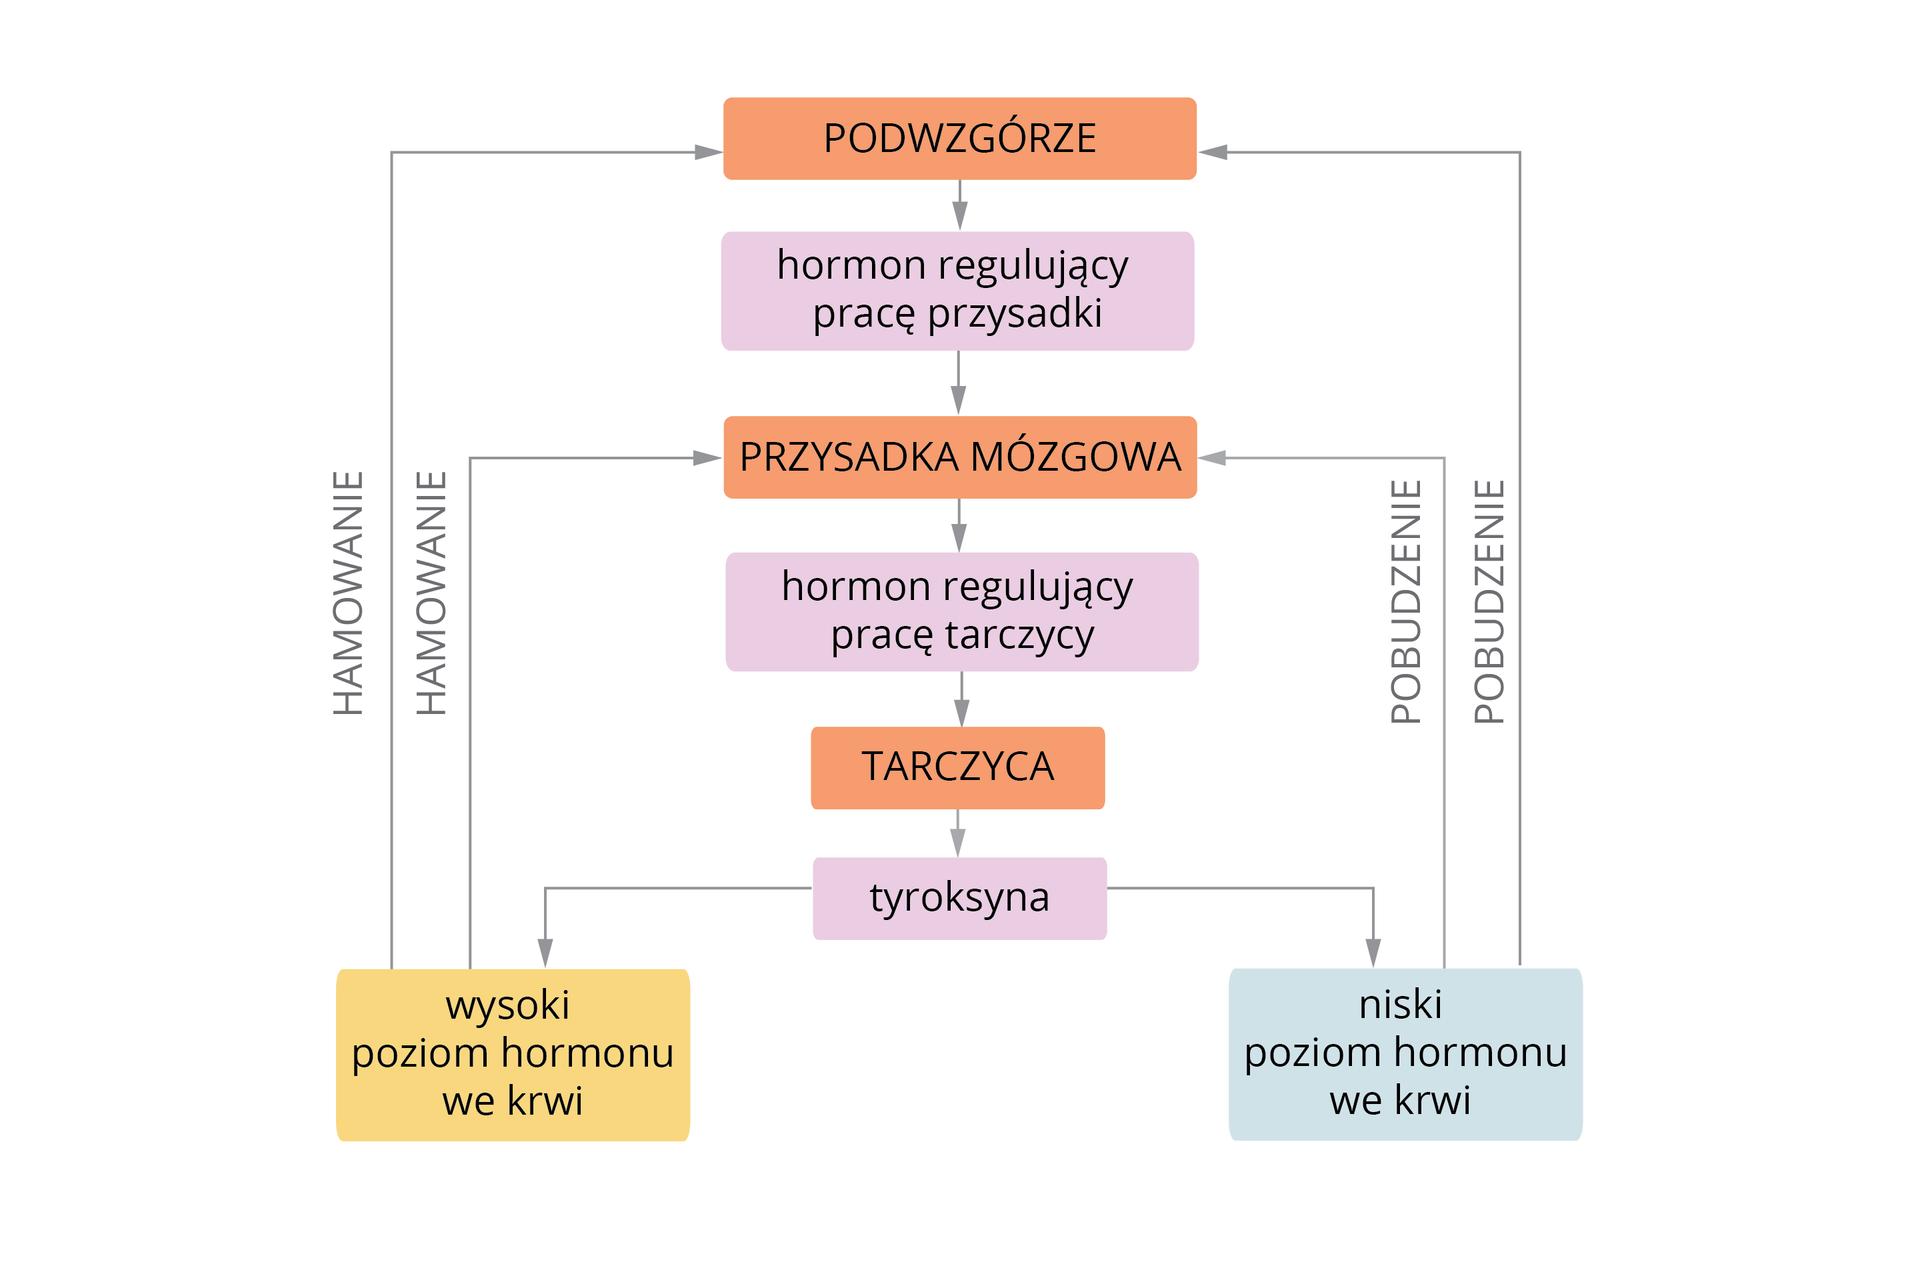 Ilustracja wformie schematu blokowego przedstawia proces samoregulacji na przykładzie wydzielania tyroksyny. Wcentrum ułożone kolejno kolorowe prostokąty. Pomarańczowy to podwzgórze. Strzałka wdół prowadzi do hormonu regulującego pracę przysadki (fioletowy prostokąt). Strzałka wdół prowadzi do przysadki mózgowej (pomarańczowy prostokąt). Stąd schodzi do hormonu regulującego pracę tarczycy (fioletowy prostokąt). Strzałka wdół wskazuje tarczycę (pomarańczowy prostokąt), wydzielającą tyroksynę (fioletowy prostokąt). Na dole po lewej żółty prostokąt. Oznacza on wysoki poziom hormonu we krwi. Dwie szare strzałki (hamowanie), prowadzą do podwzgórza iprzysadki mózgowej. Jasnoniebieski prostokąt po lewej stronie to niski poziom hormonu we krwi. Prowadzą od niego wgórę dwie szare strzałki (pobudzenie): dłuższa do podwzgórza, krótsza do przysadki mózgowej.